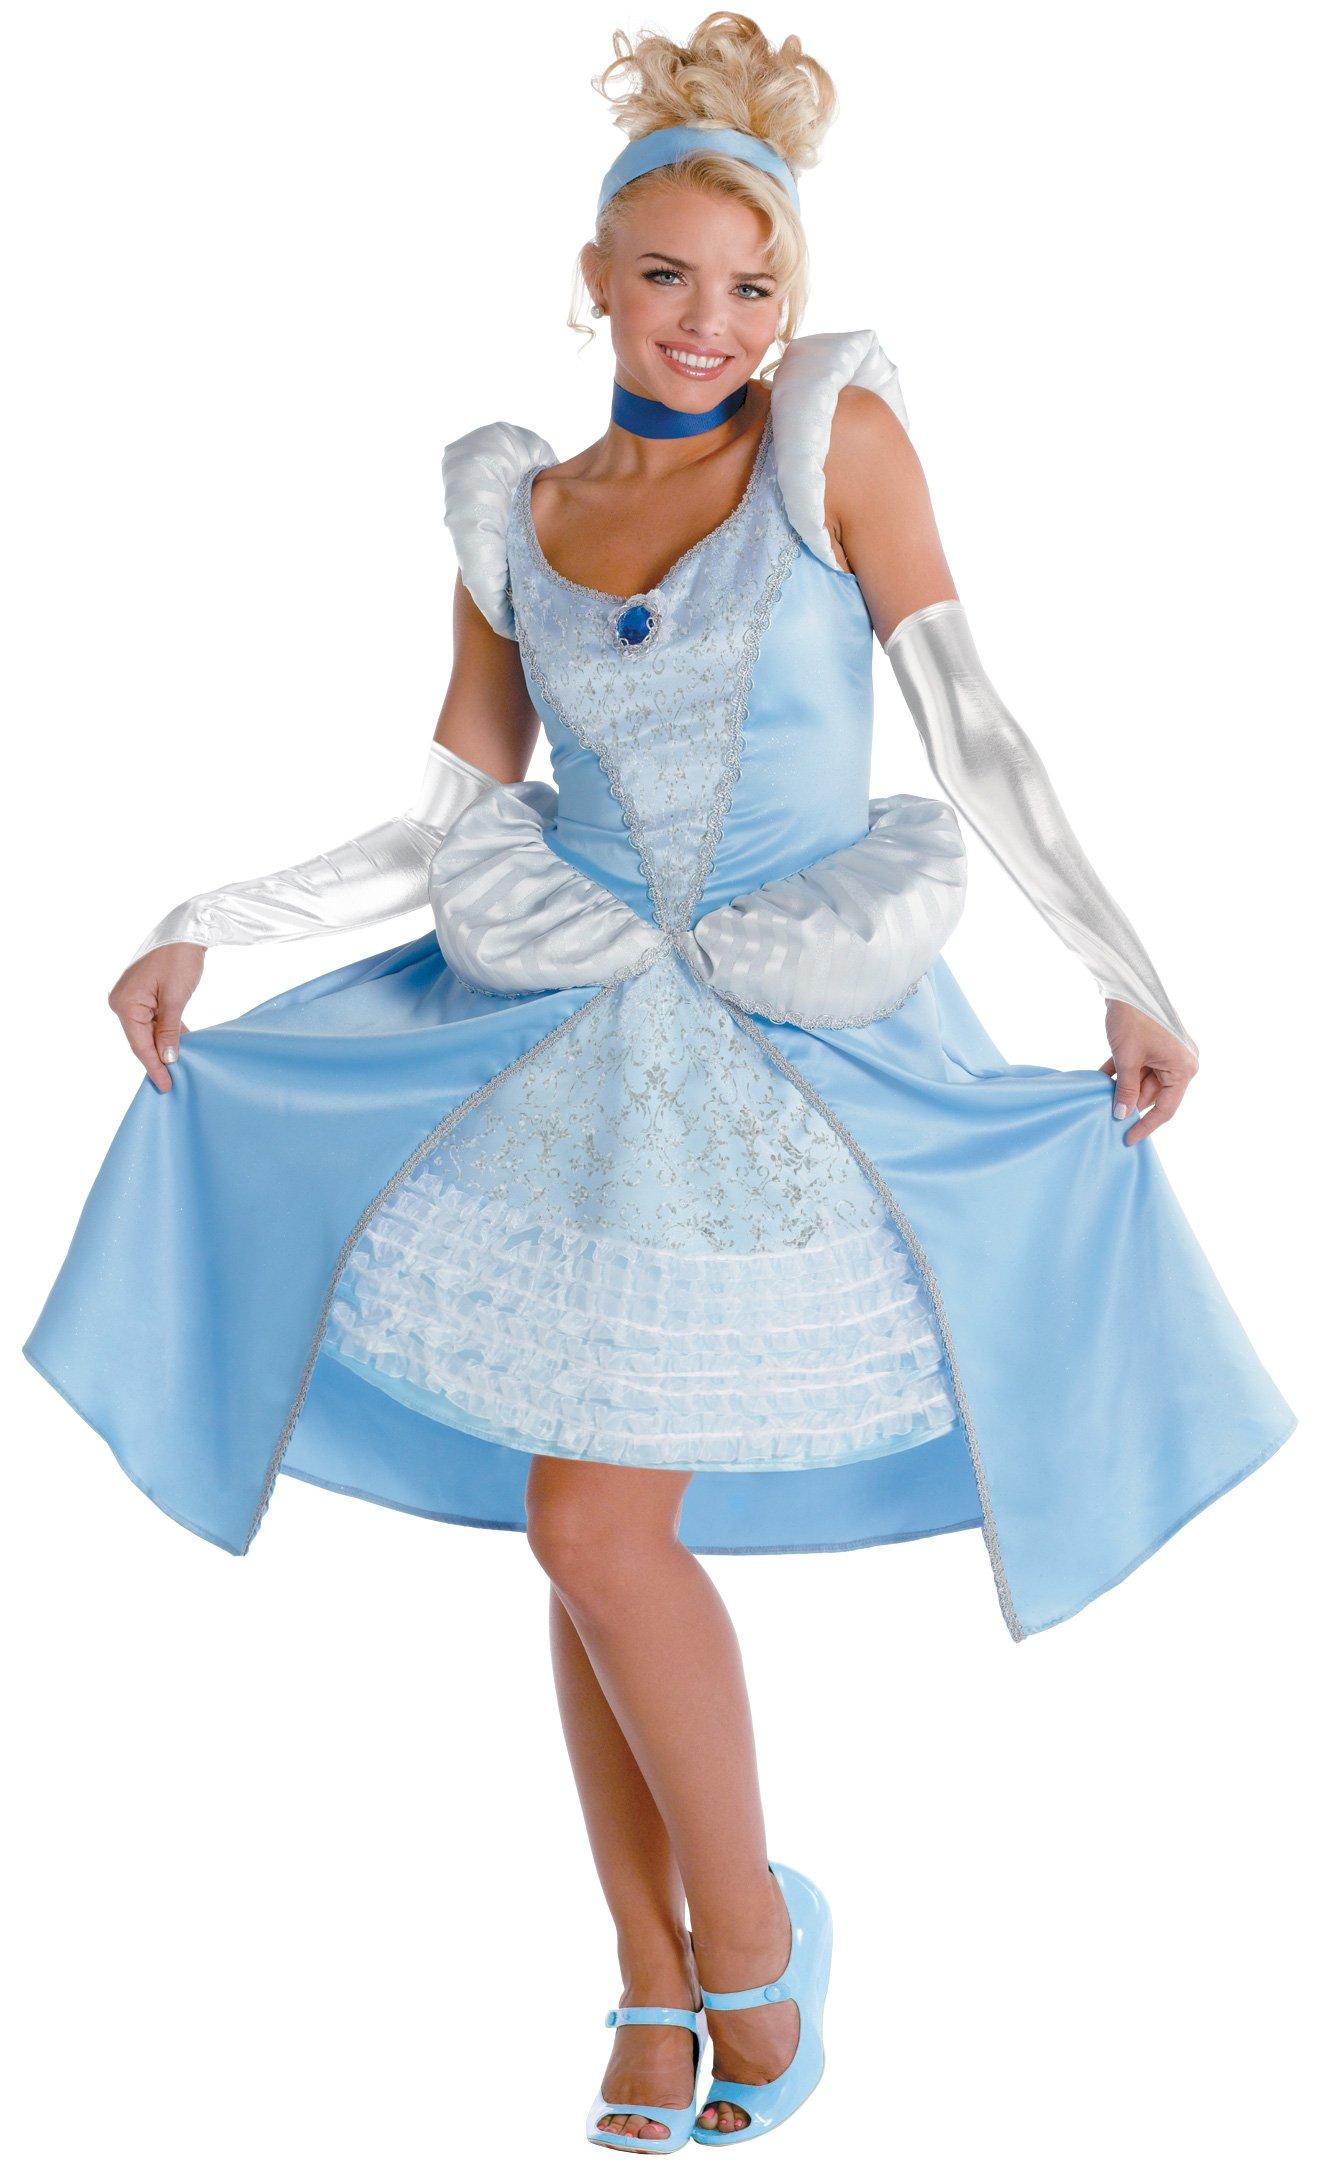 Карнавальный костюм Золушки своими руками: описание